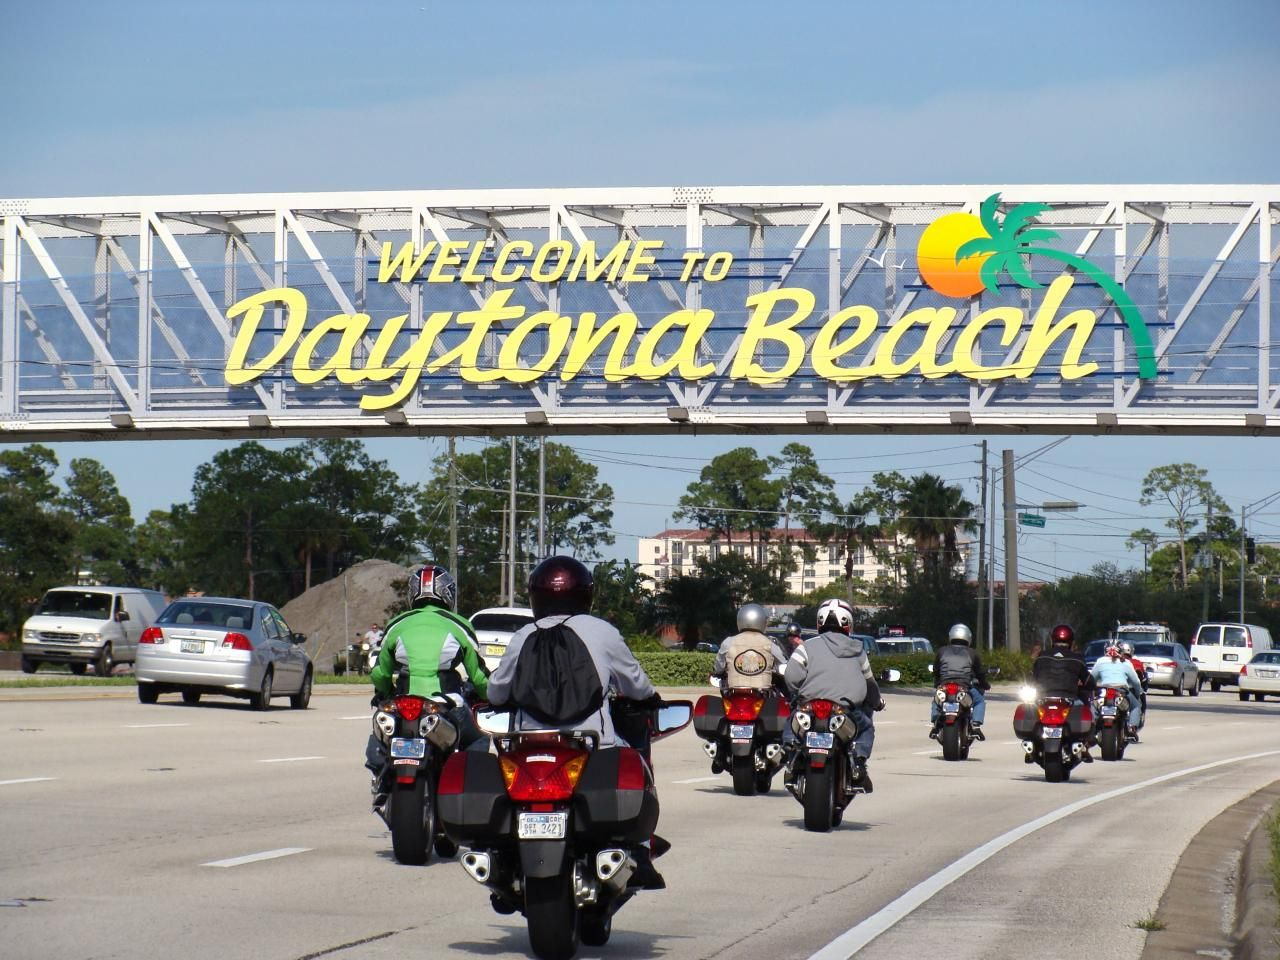 Daytond Bch Gym Equipment Daytona Beach Used Fitness